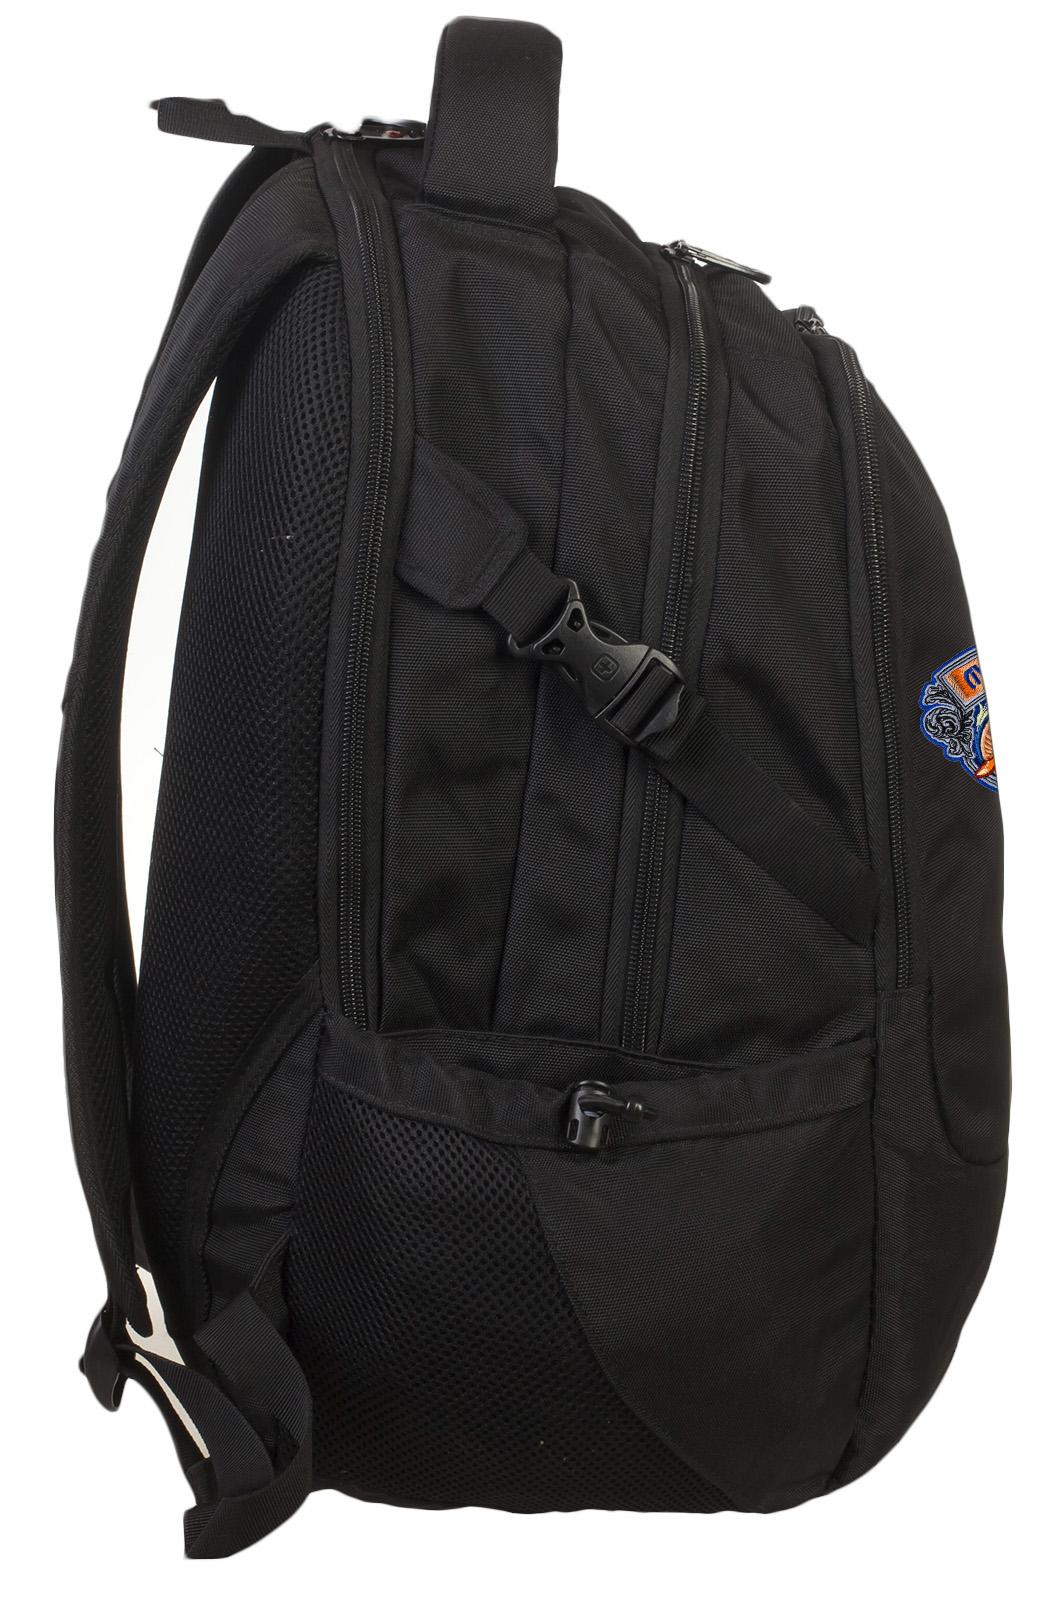 Вместительный надежный рюкзак с нашивкой Лучший Рыбак - купить оптом